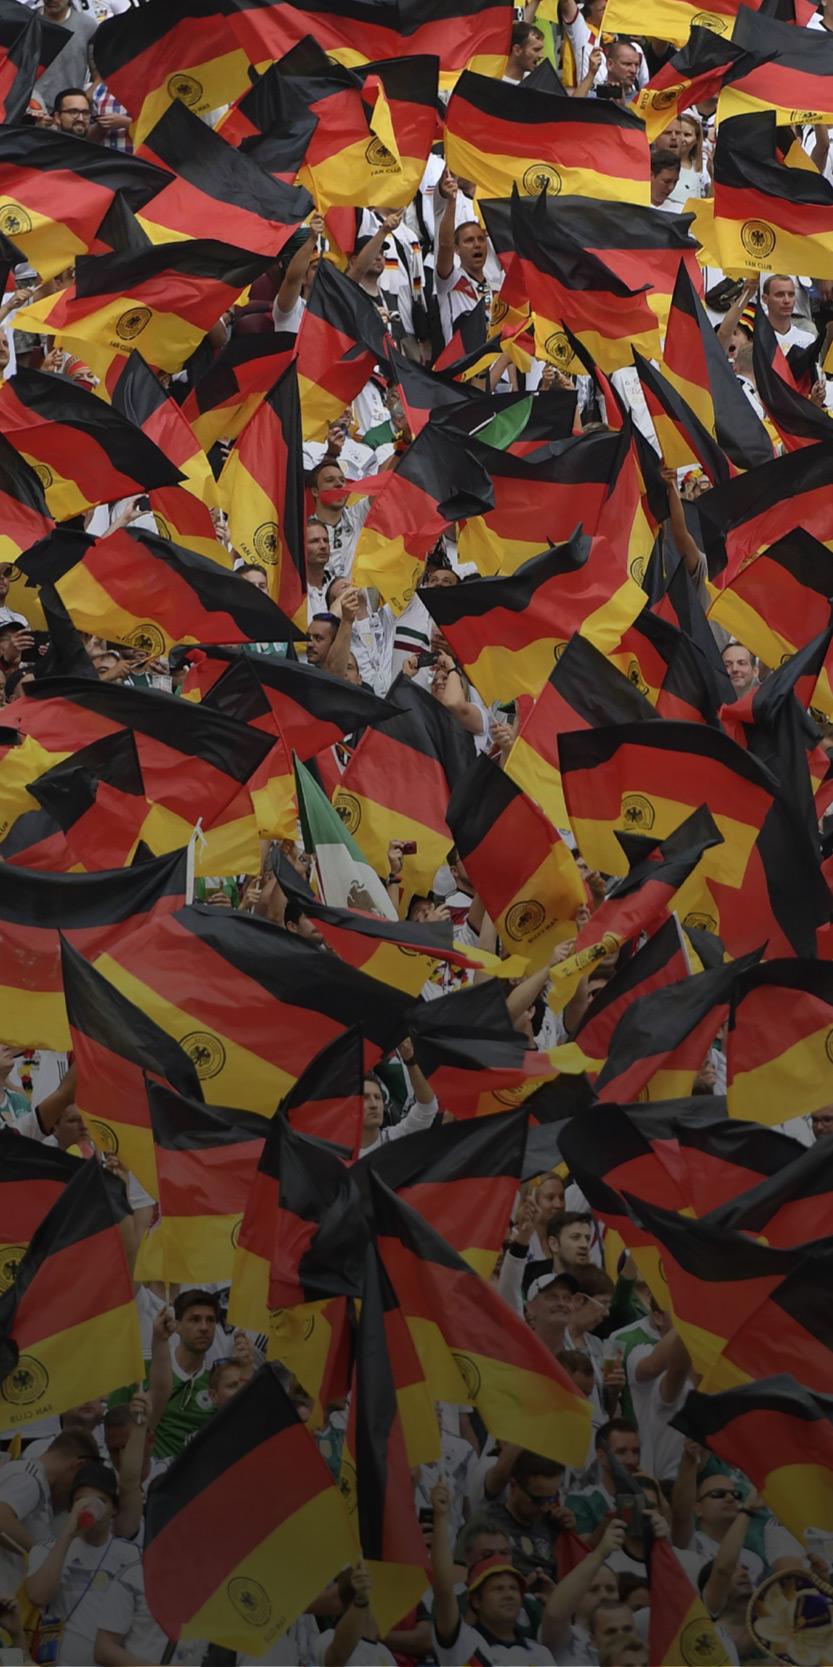 fan-club-nationalmannschaft-reise